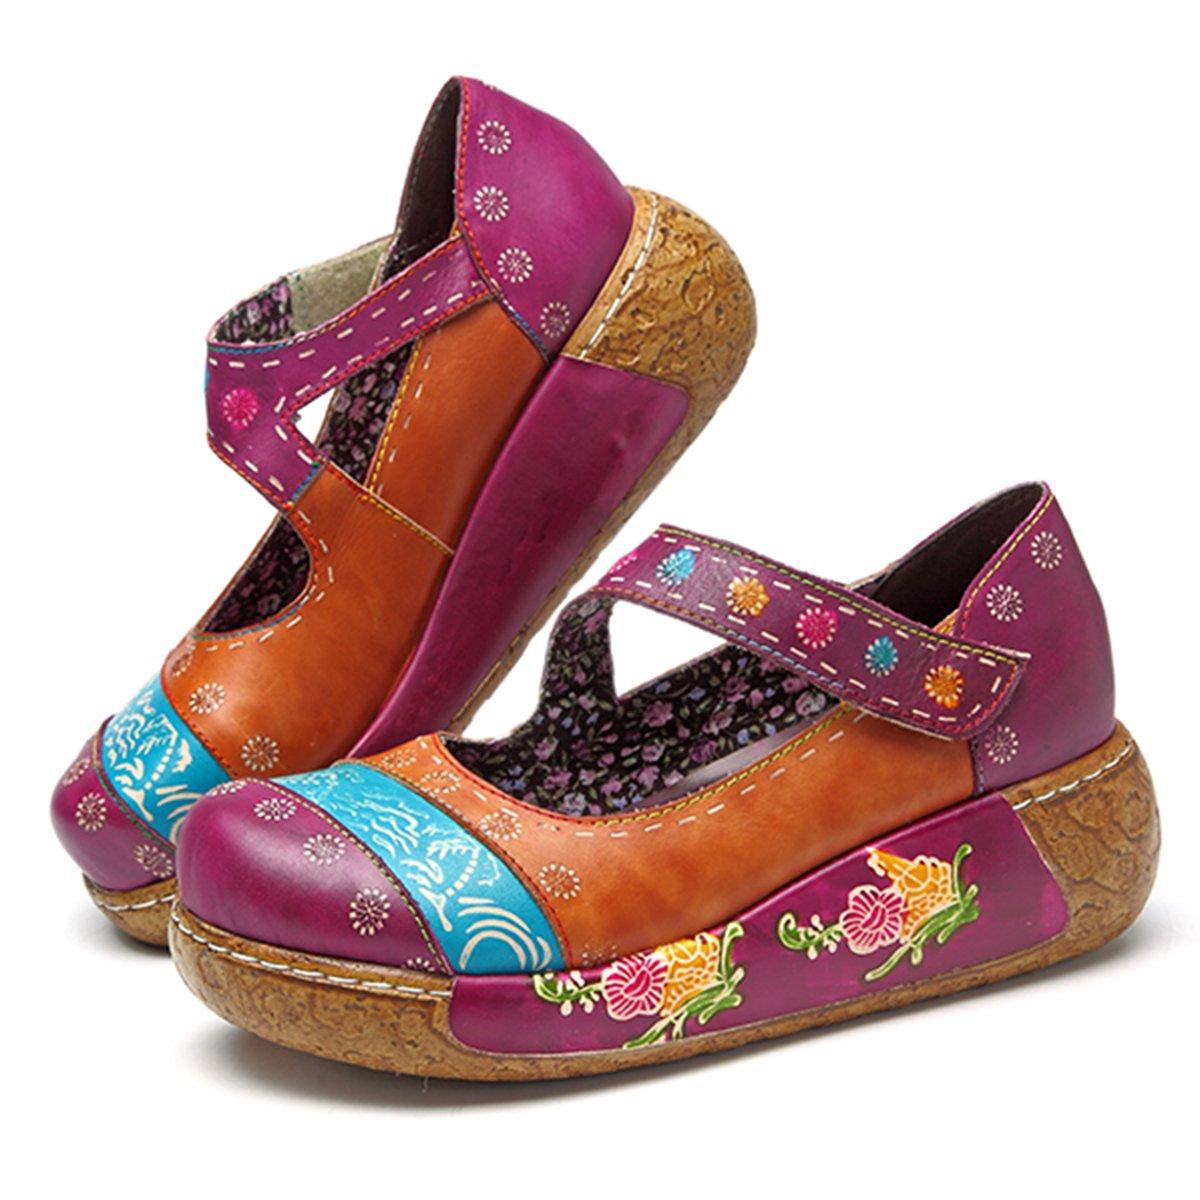 Socofy Sandalias de Mujer, Zapatos Merceditas para Mujer de Cuña de Flores Coloridas Zapatos de Cuero de la Vendimia Plataforma Slip-On Sandal Danza de Ballet Mocasines Casuales Oxford Zapatos 40 EU|Púrpura # 1